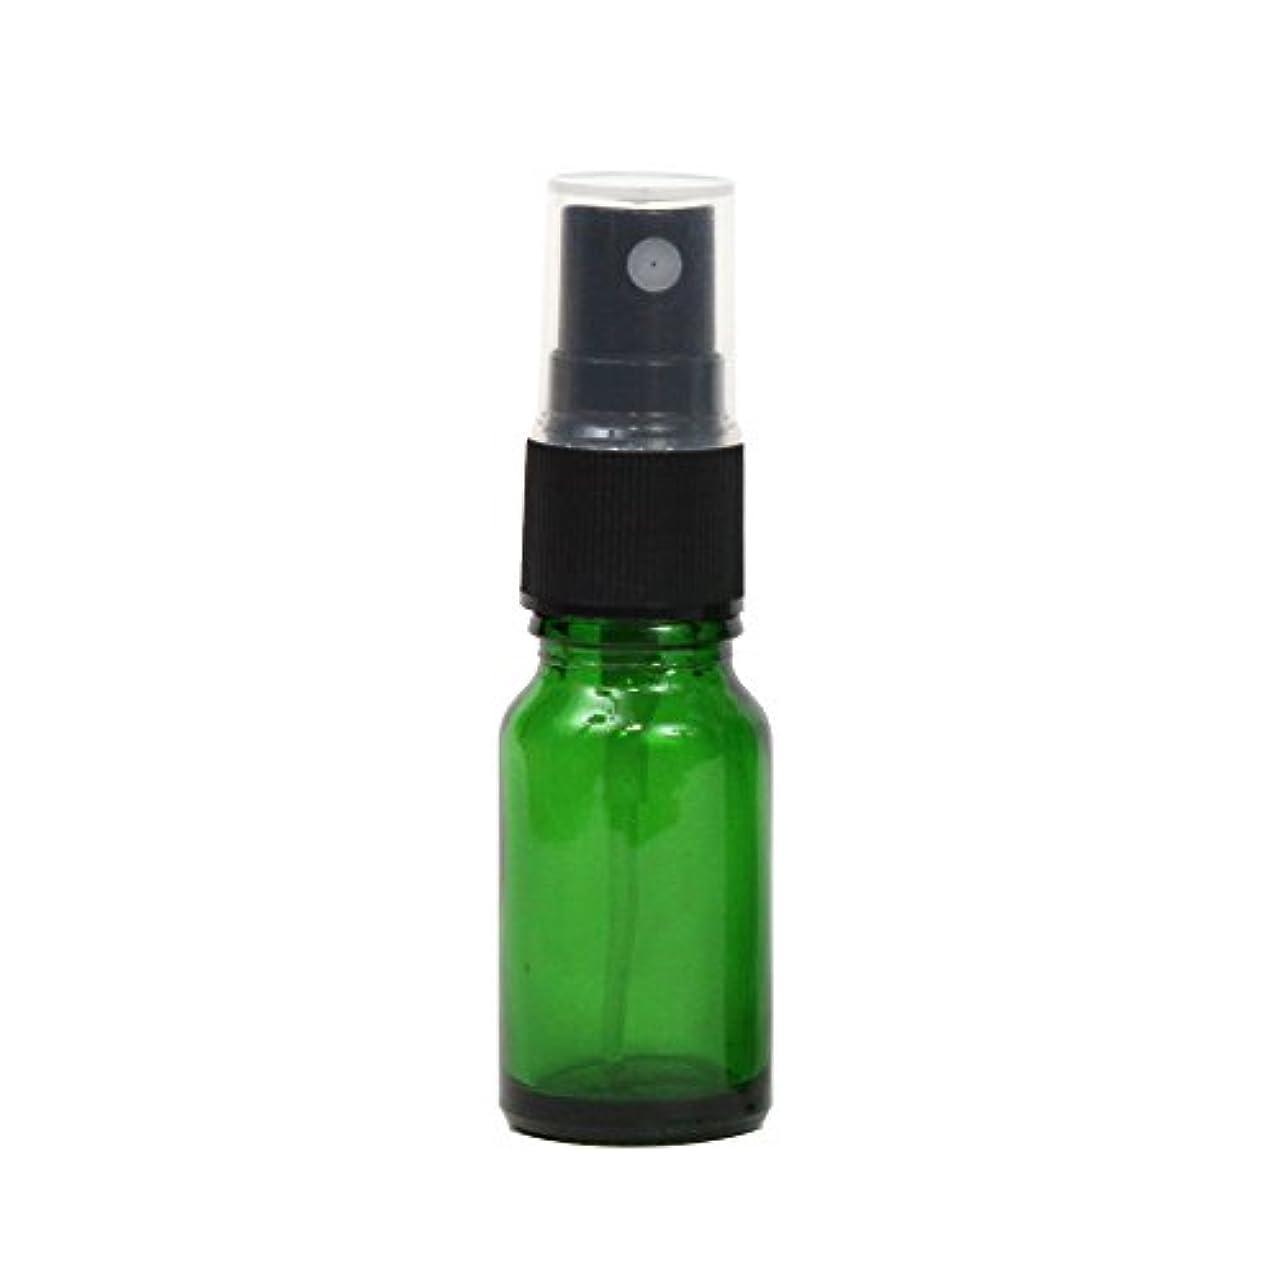 陰気省略許容スプレーボトル ガラス瓶 10mL 遮光性グリーン ガラスアトマイザー 空容器